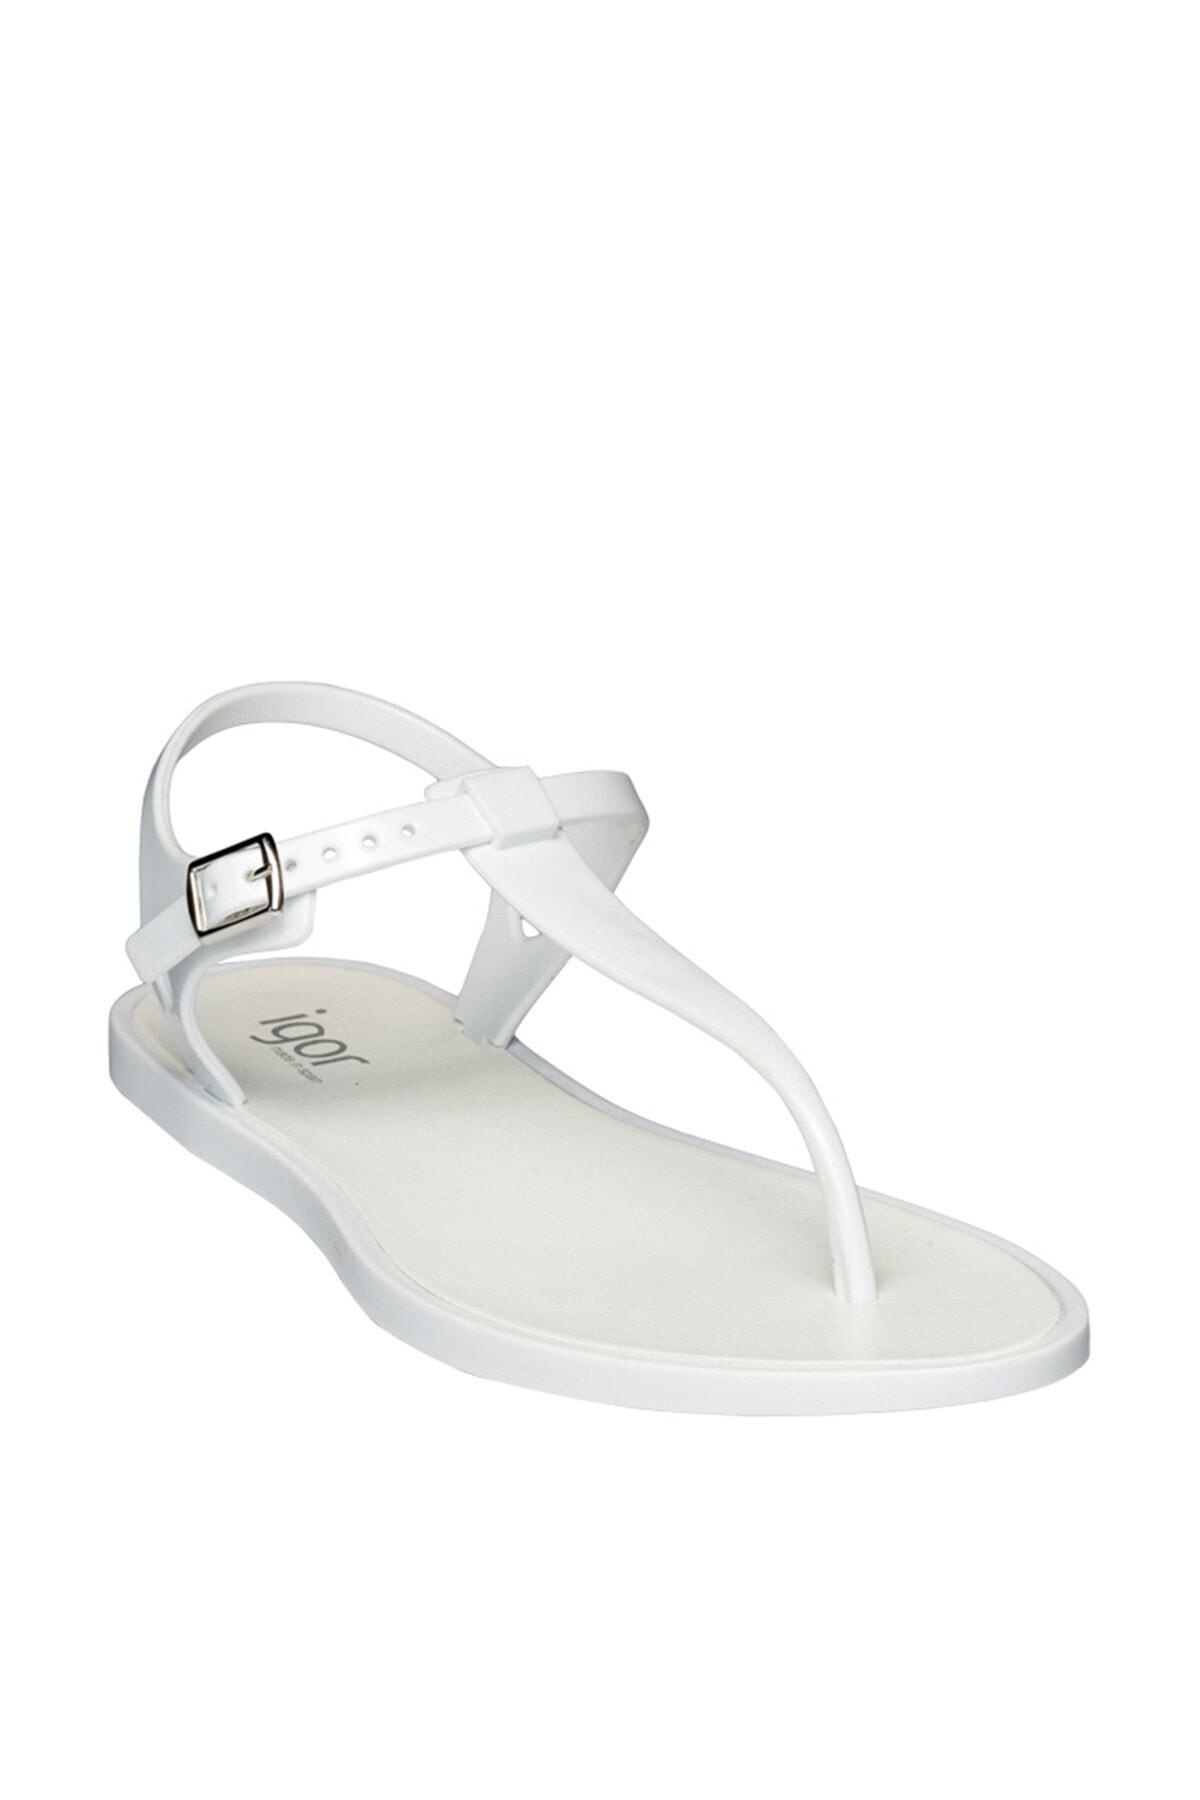 IGOR Kadın Beyaz Sandalet S10172 2